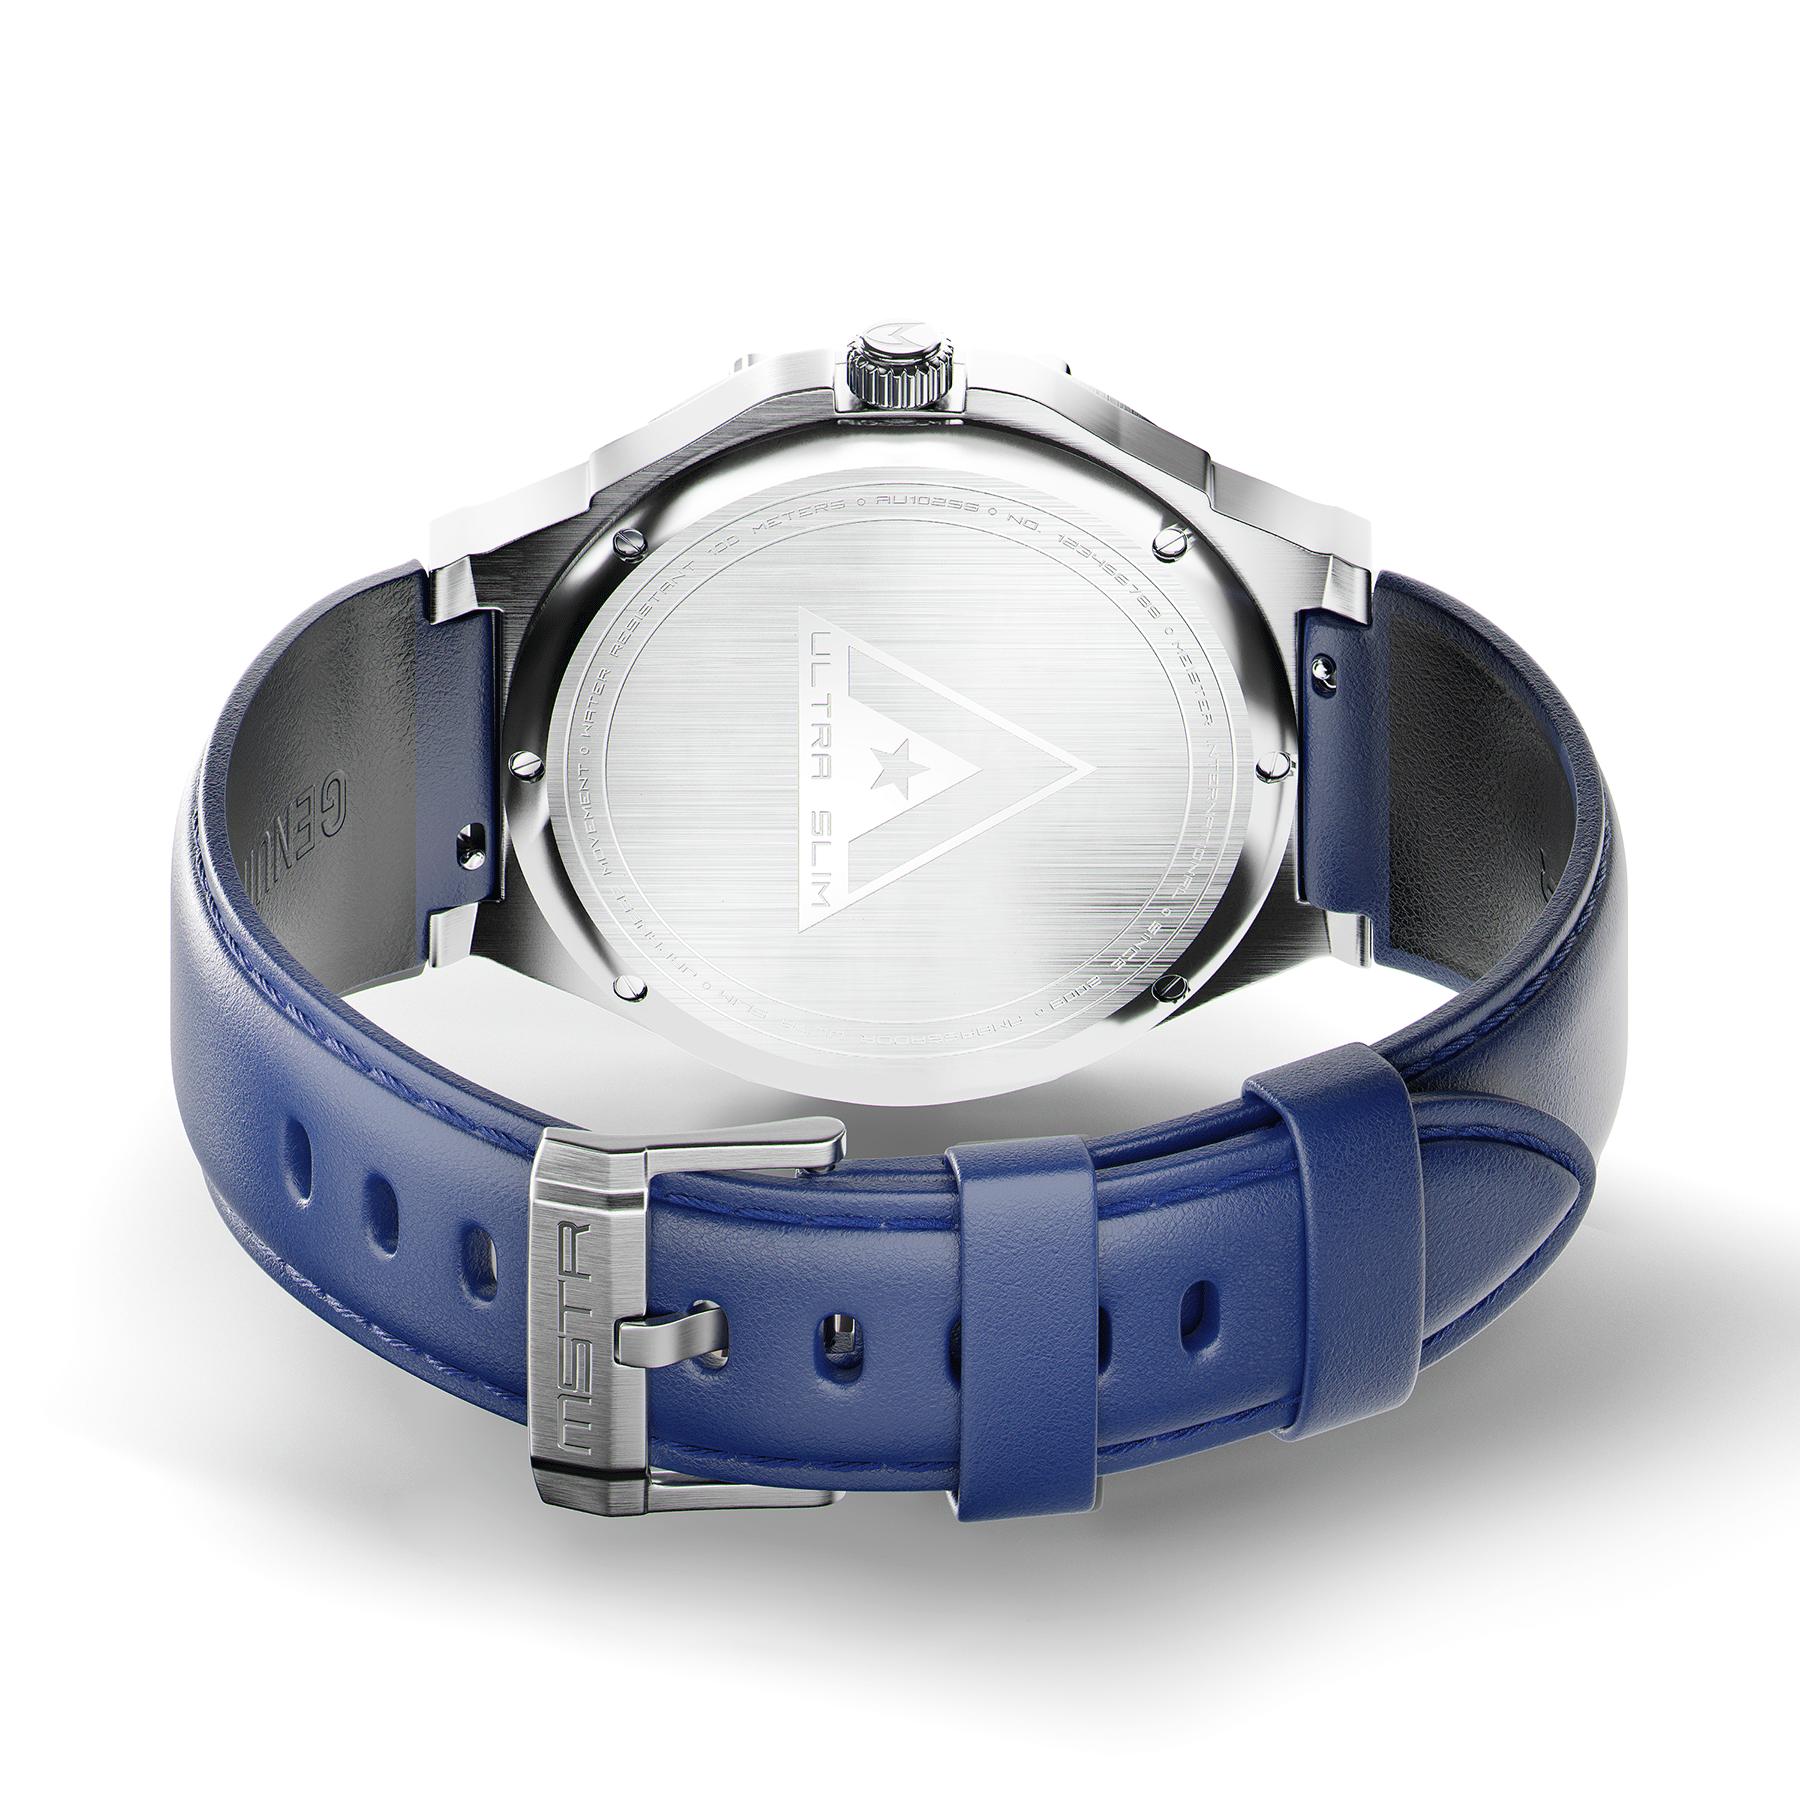 Zilver & Blauw – Leer